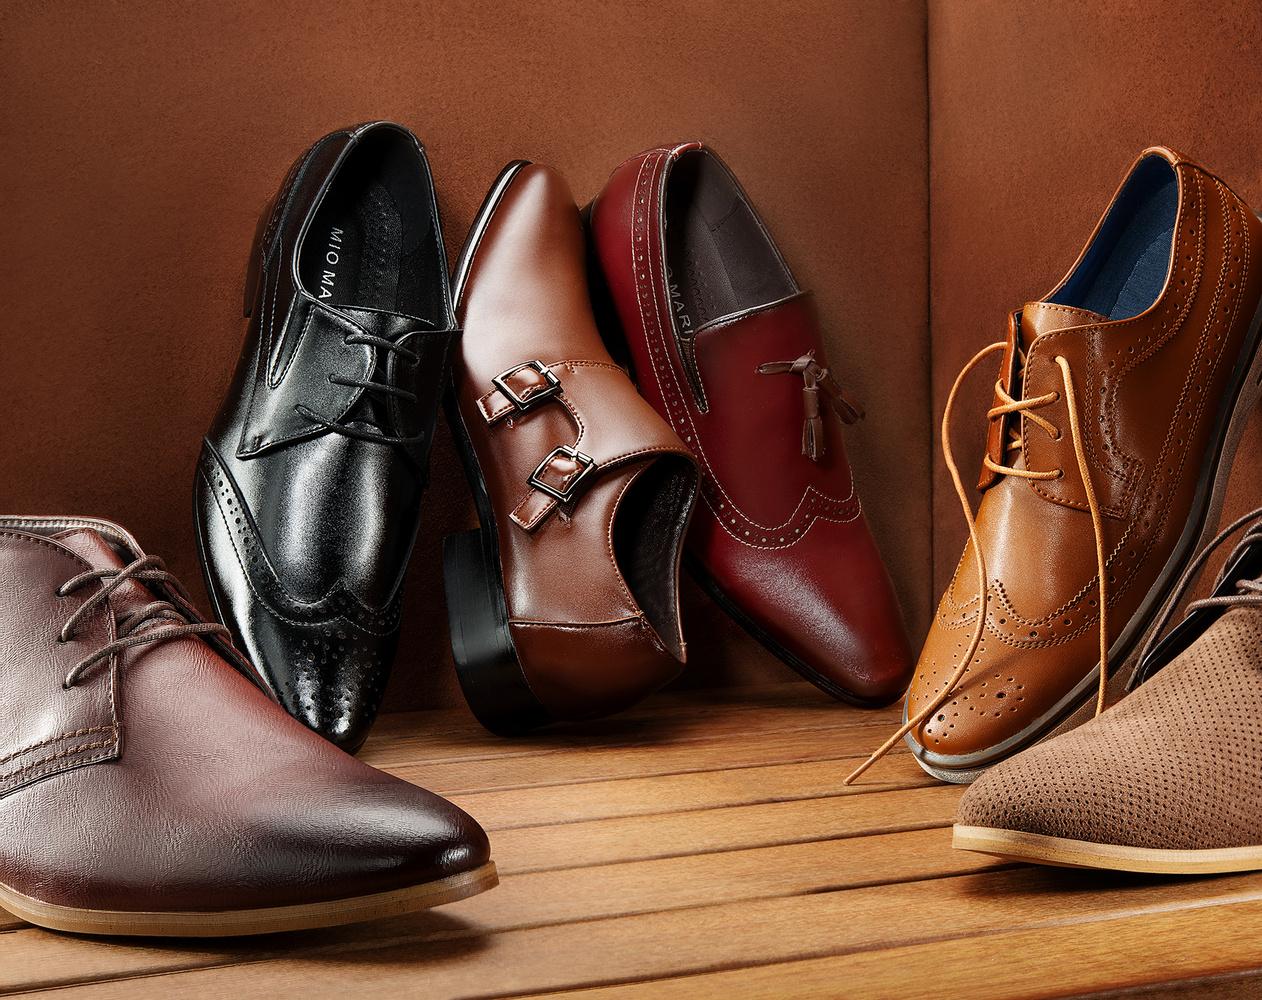 Luxury Fashion Stills  elegant shoes  by Yechiel Orgel